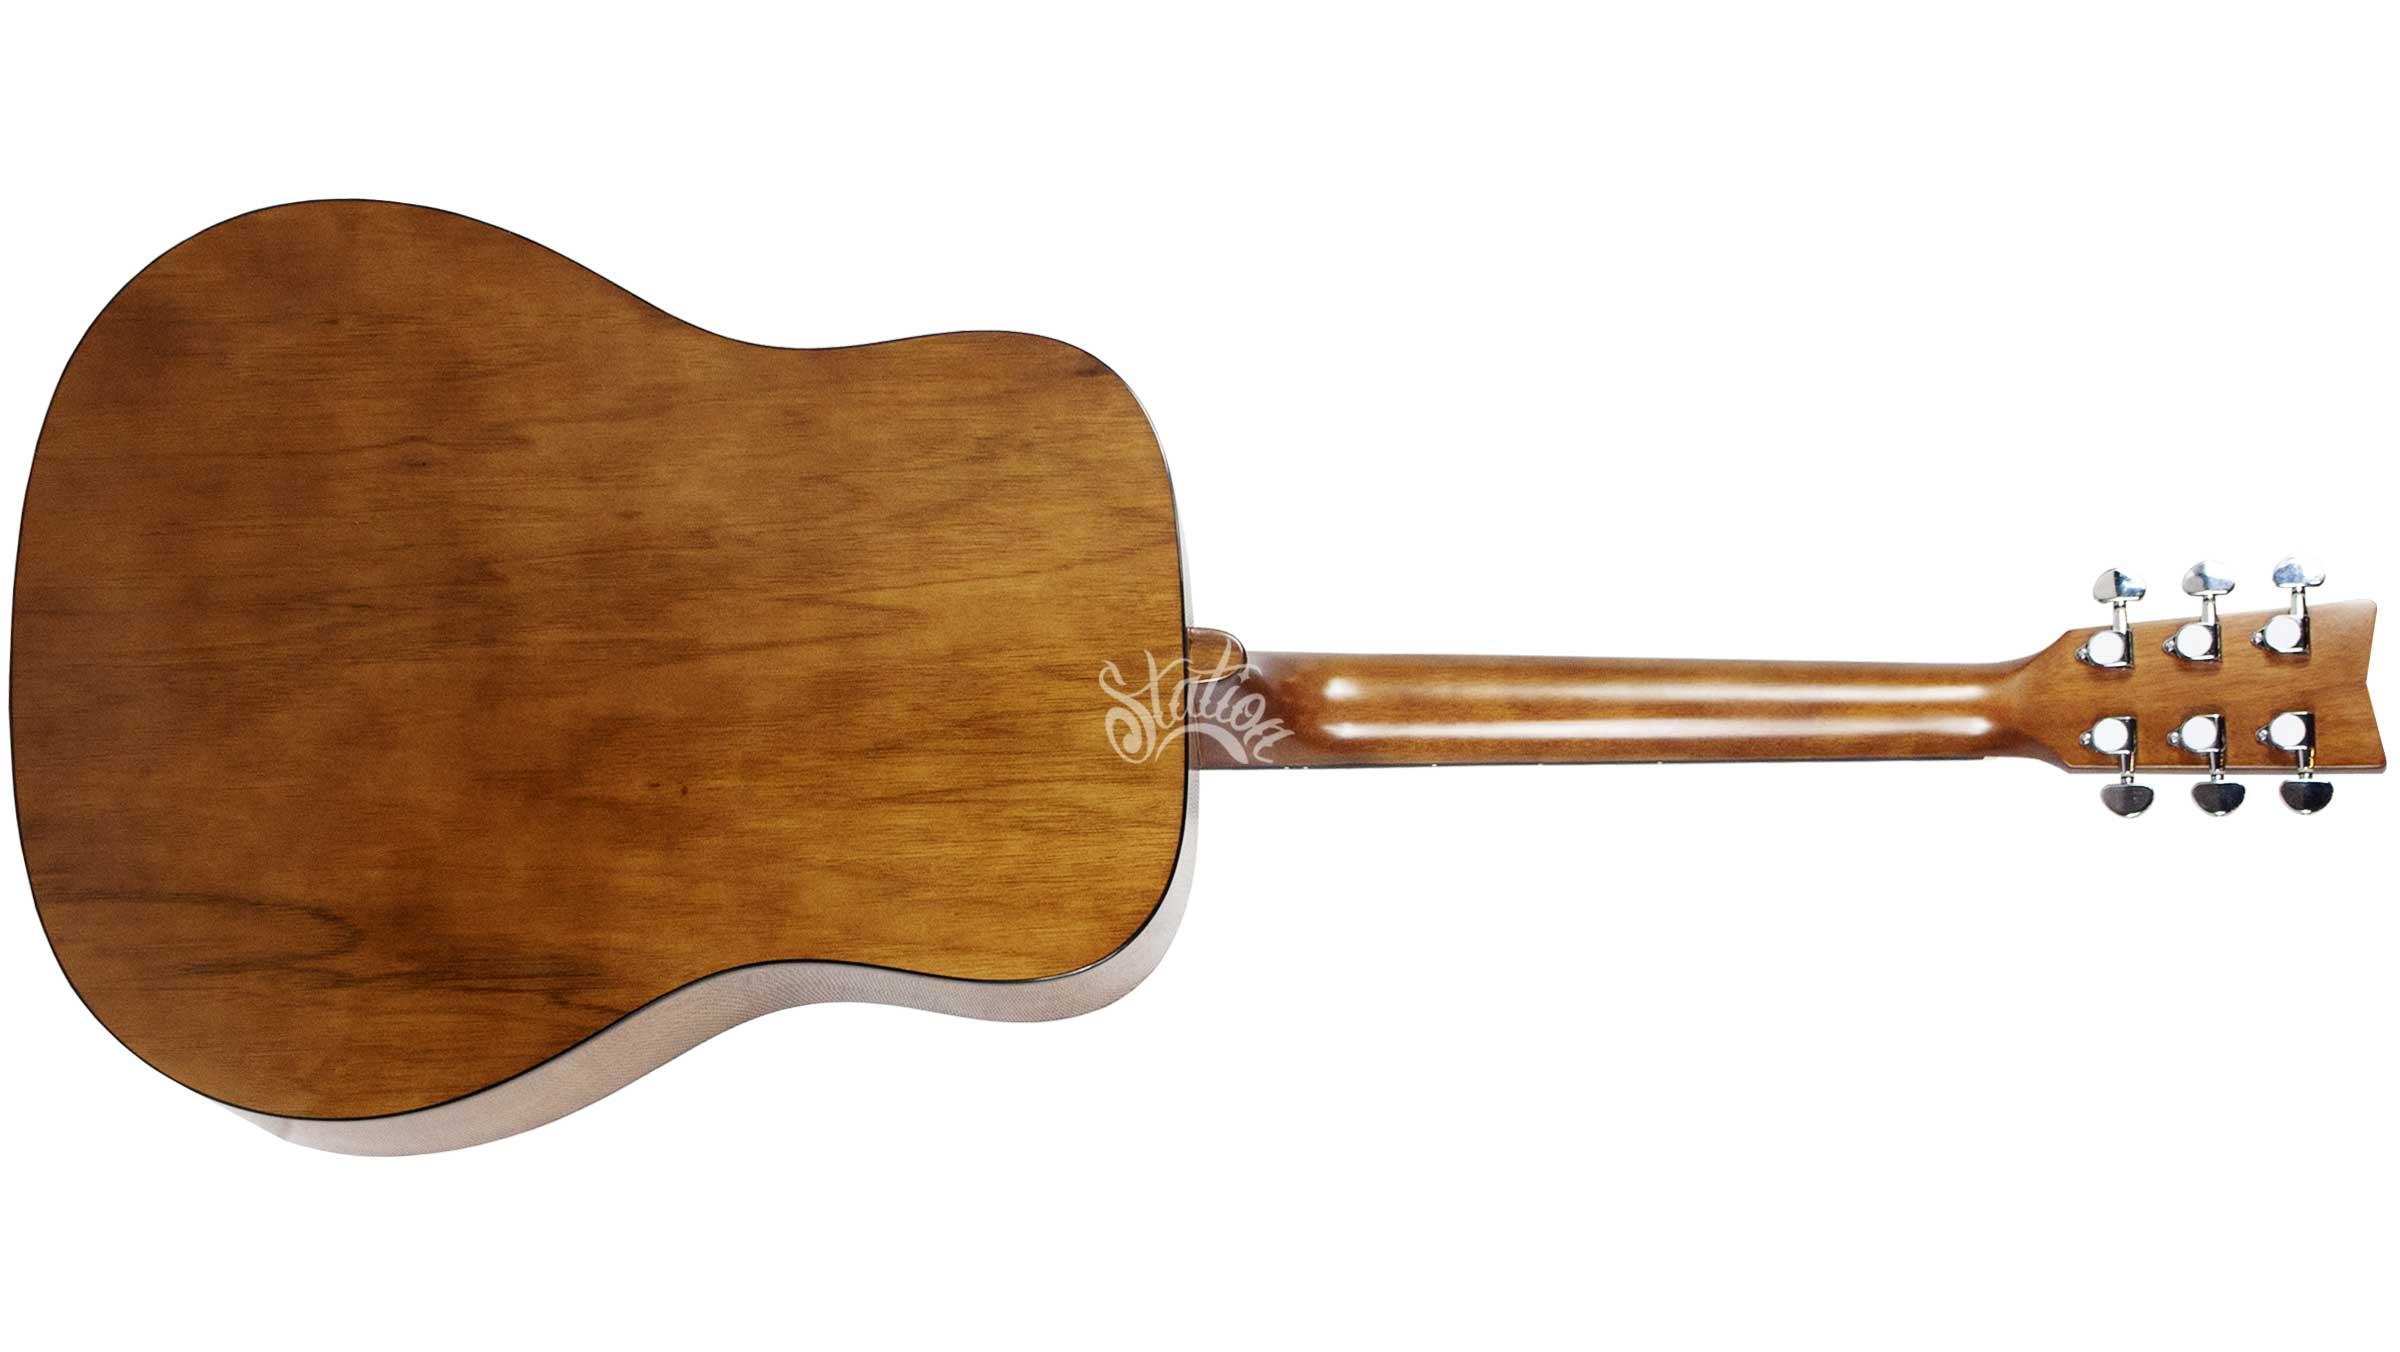 Yamaha-f310-horizontal-back